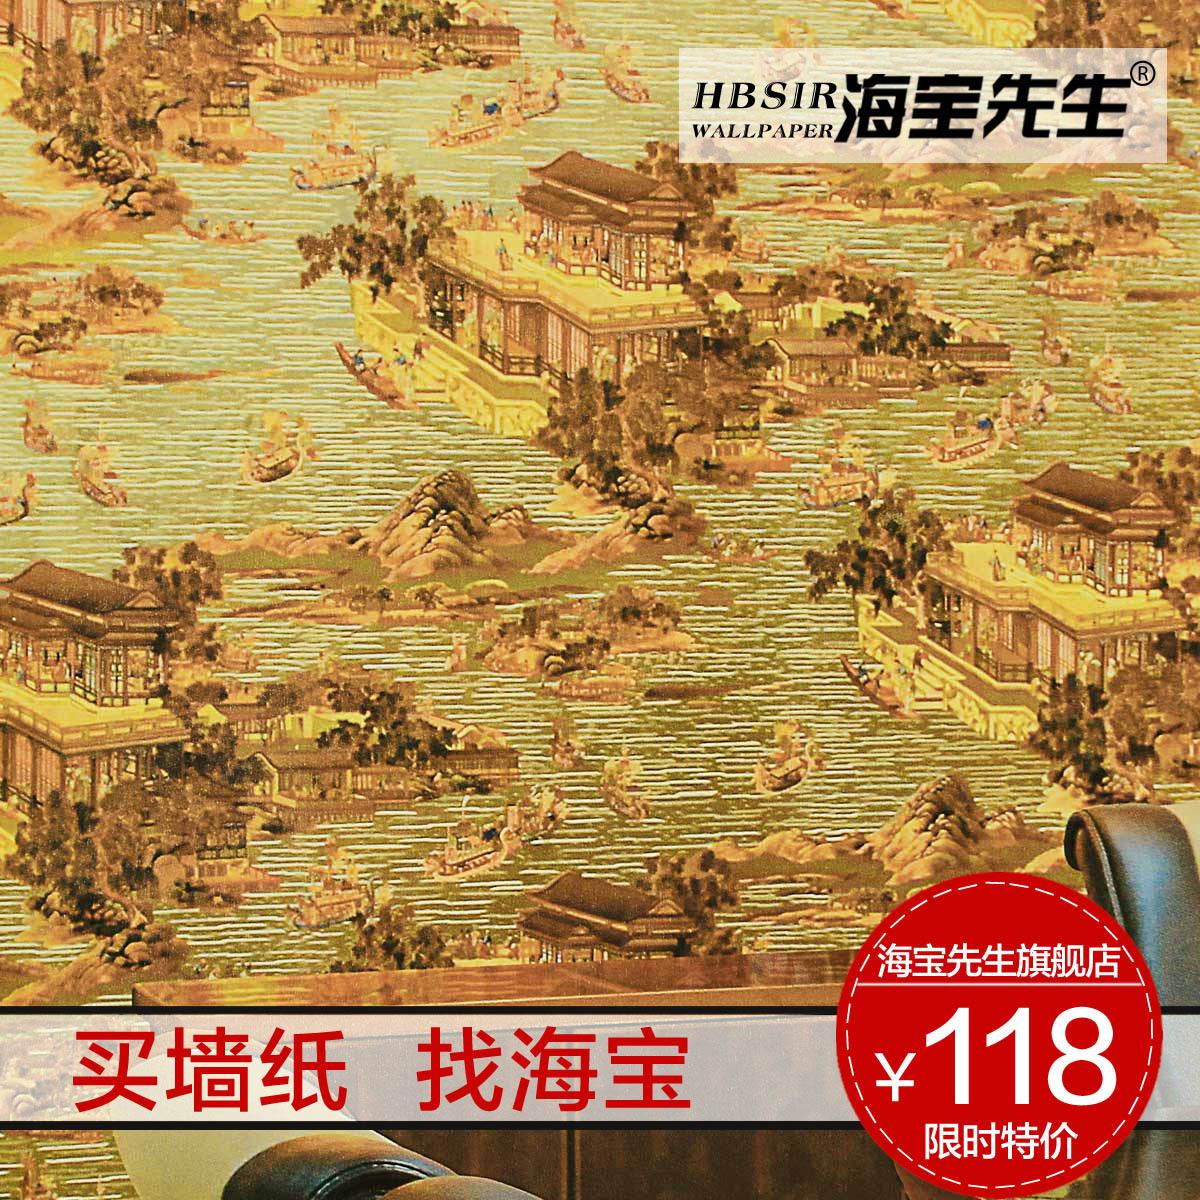 wallpaper chinese style dragon wallpaper jxzh b entranceway background 1200x1200